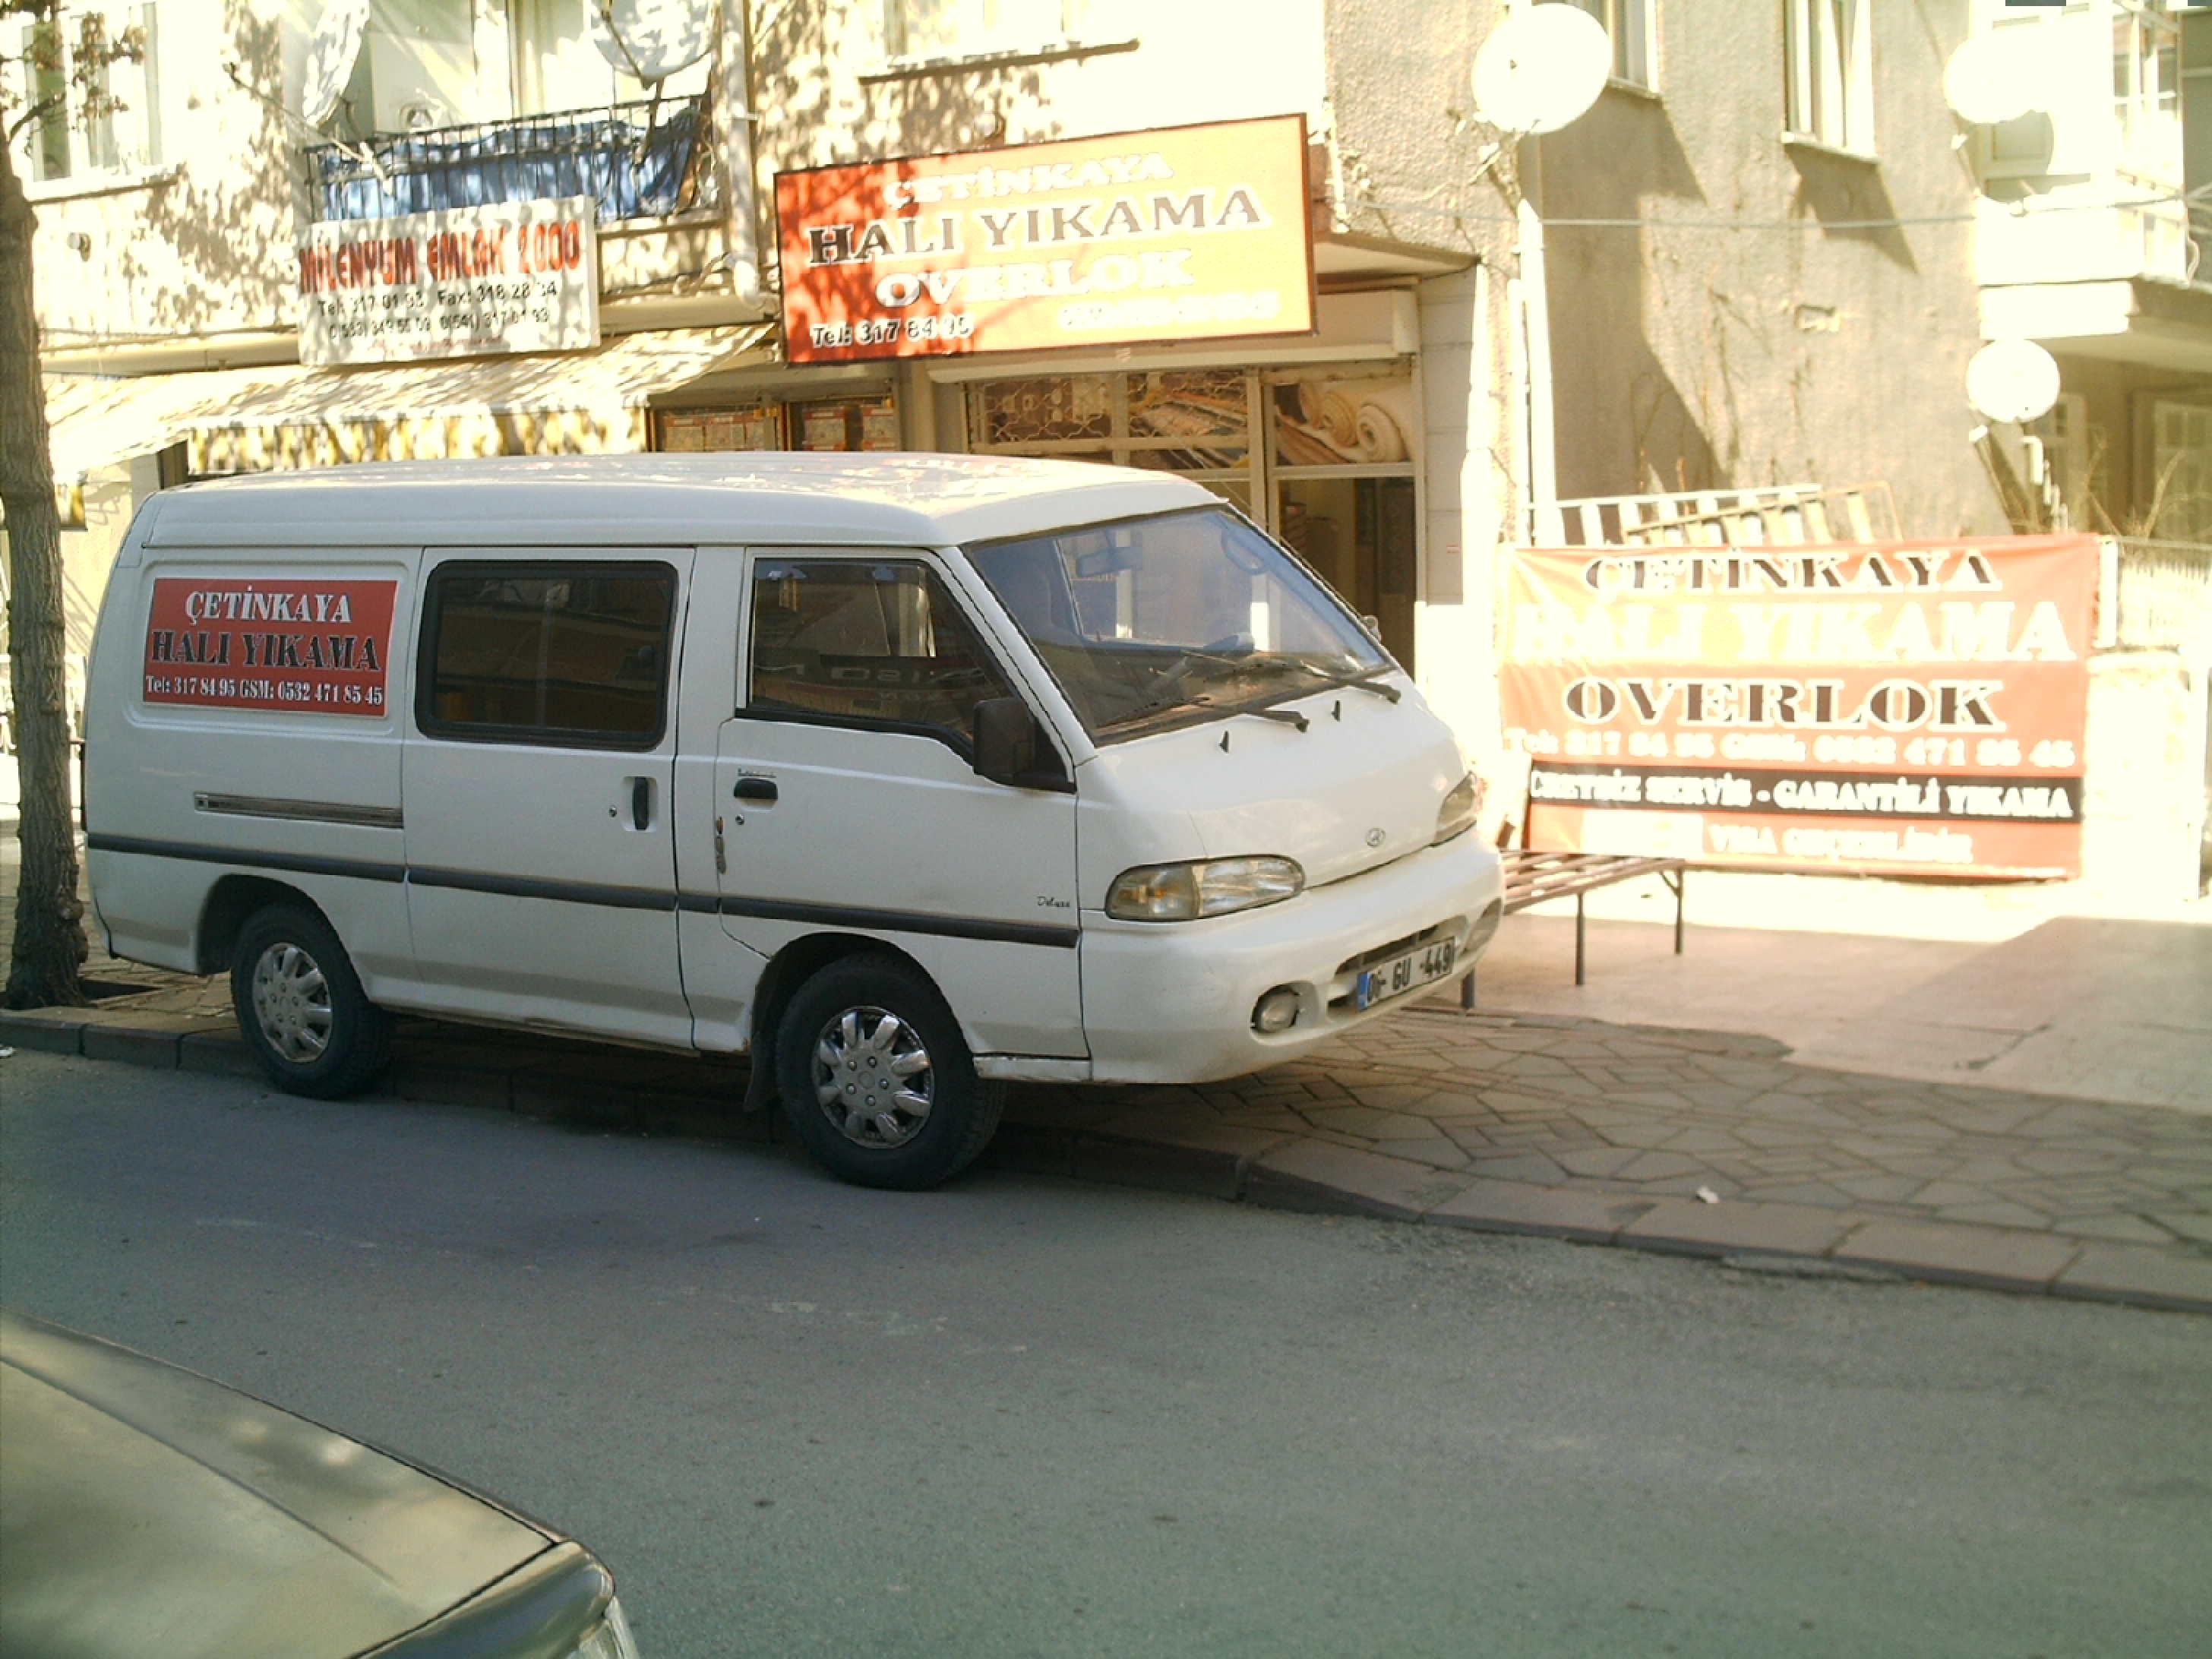 ankara_hali_yikama_merkez